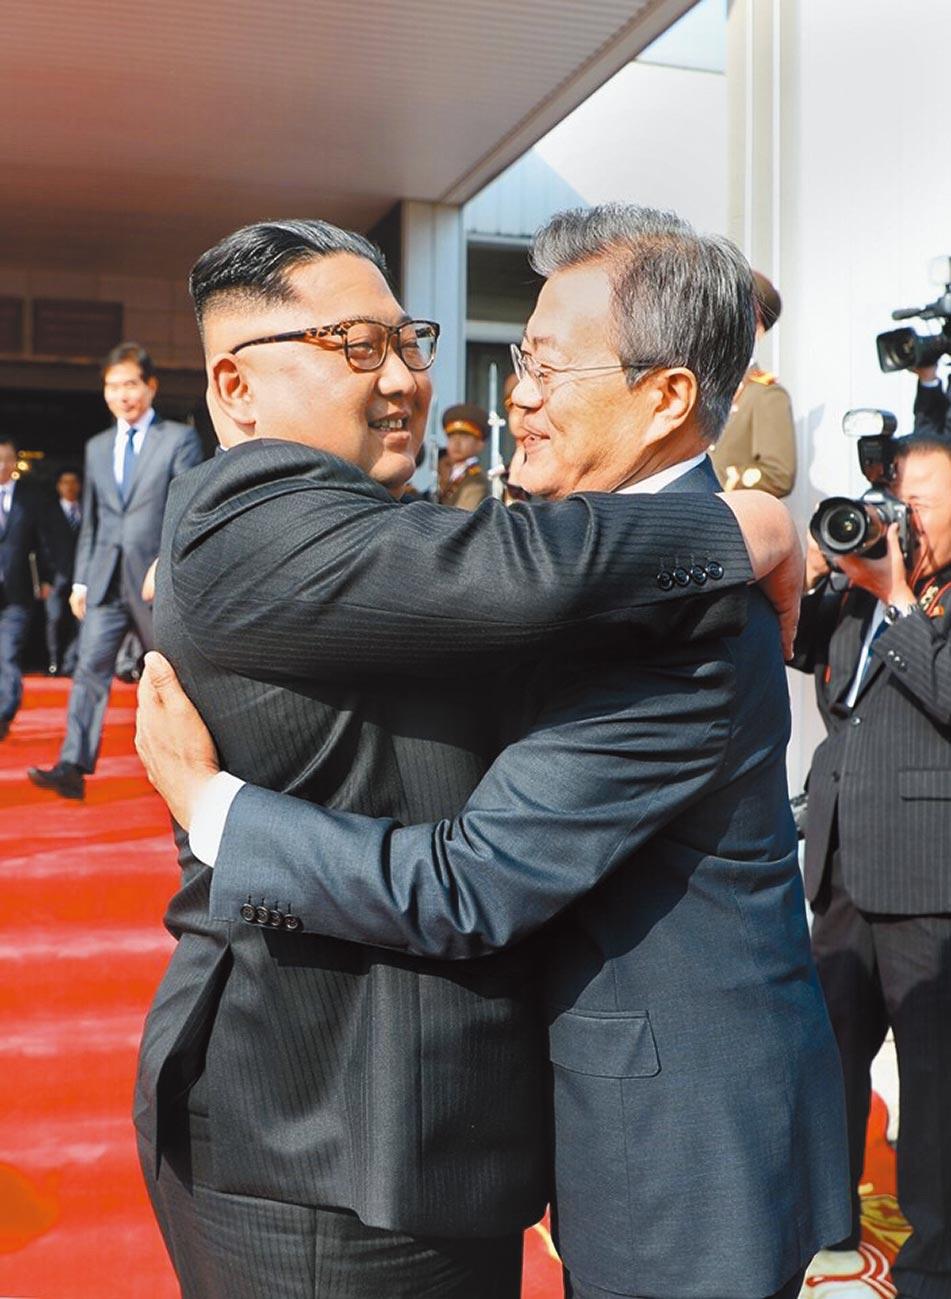 南韓總統文在寅日前提議宣布朝鮮半島戰爭狀態結束。朝鮮領導人金正恩胞妹、勞動黨副部長金與正表示,只要韓方不敵對朝方,朝方就有意討論恢復韓朝關係的方案,並為宣布終戰開出3項先決條件。(新華社)